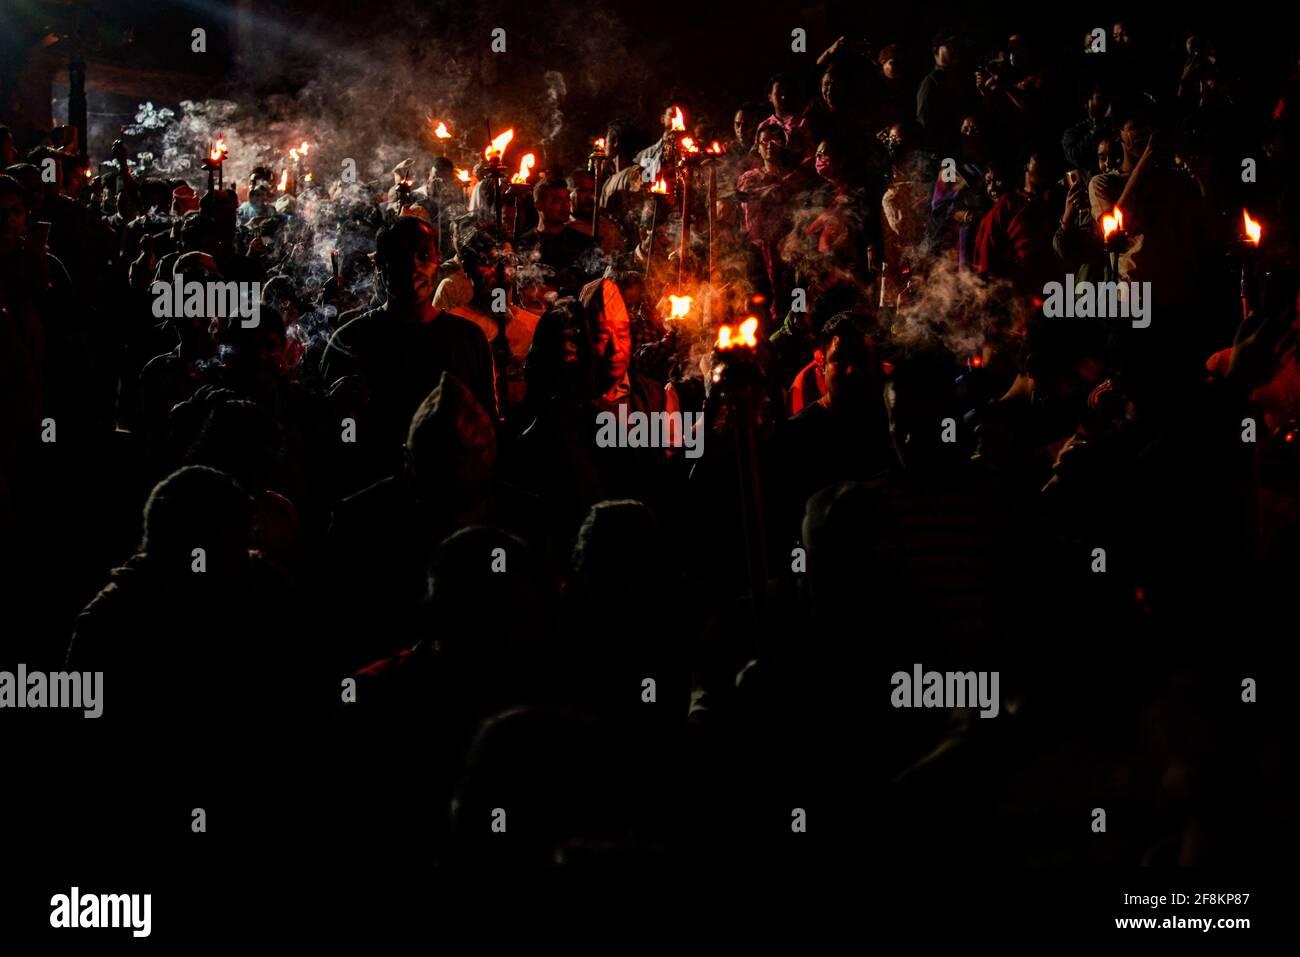 Bhaktapur, Nepal. 15 Aprile 2021. I devoti nepalesi portano le tradizionali torce che partecipano alla processione intorno alla città antica per offrire preghiere durante Biska Jatra il giorno della festa indoor, per accogliere l'arrivo della primavera e il nuovo anno nepalese a Bhaktapur, Nepal, giovedì 15 aprile 2021. Credit: Skanda Gautam/ZUMA Wire/Alamy Live News Foto Stock